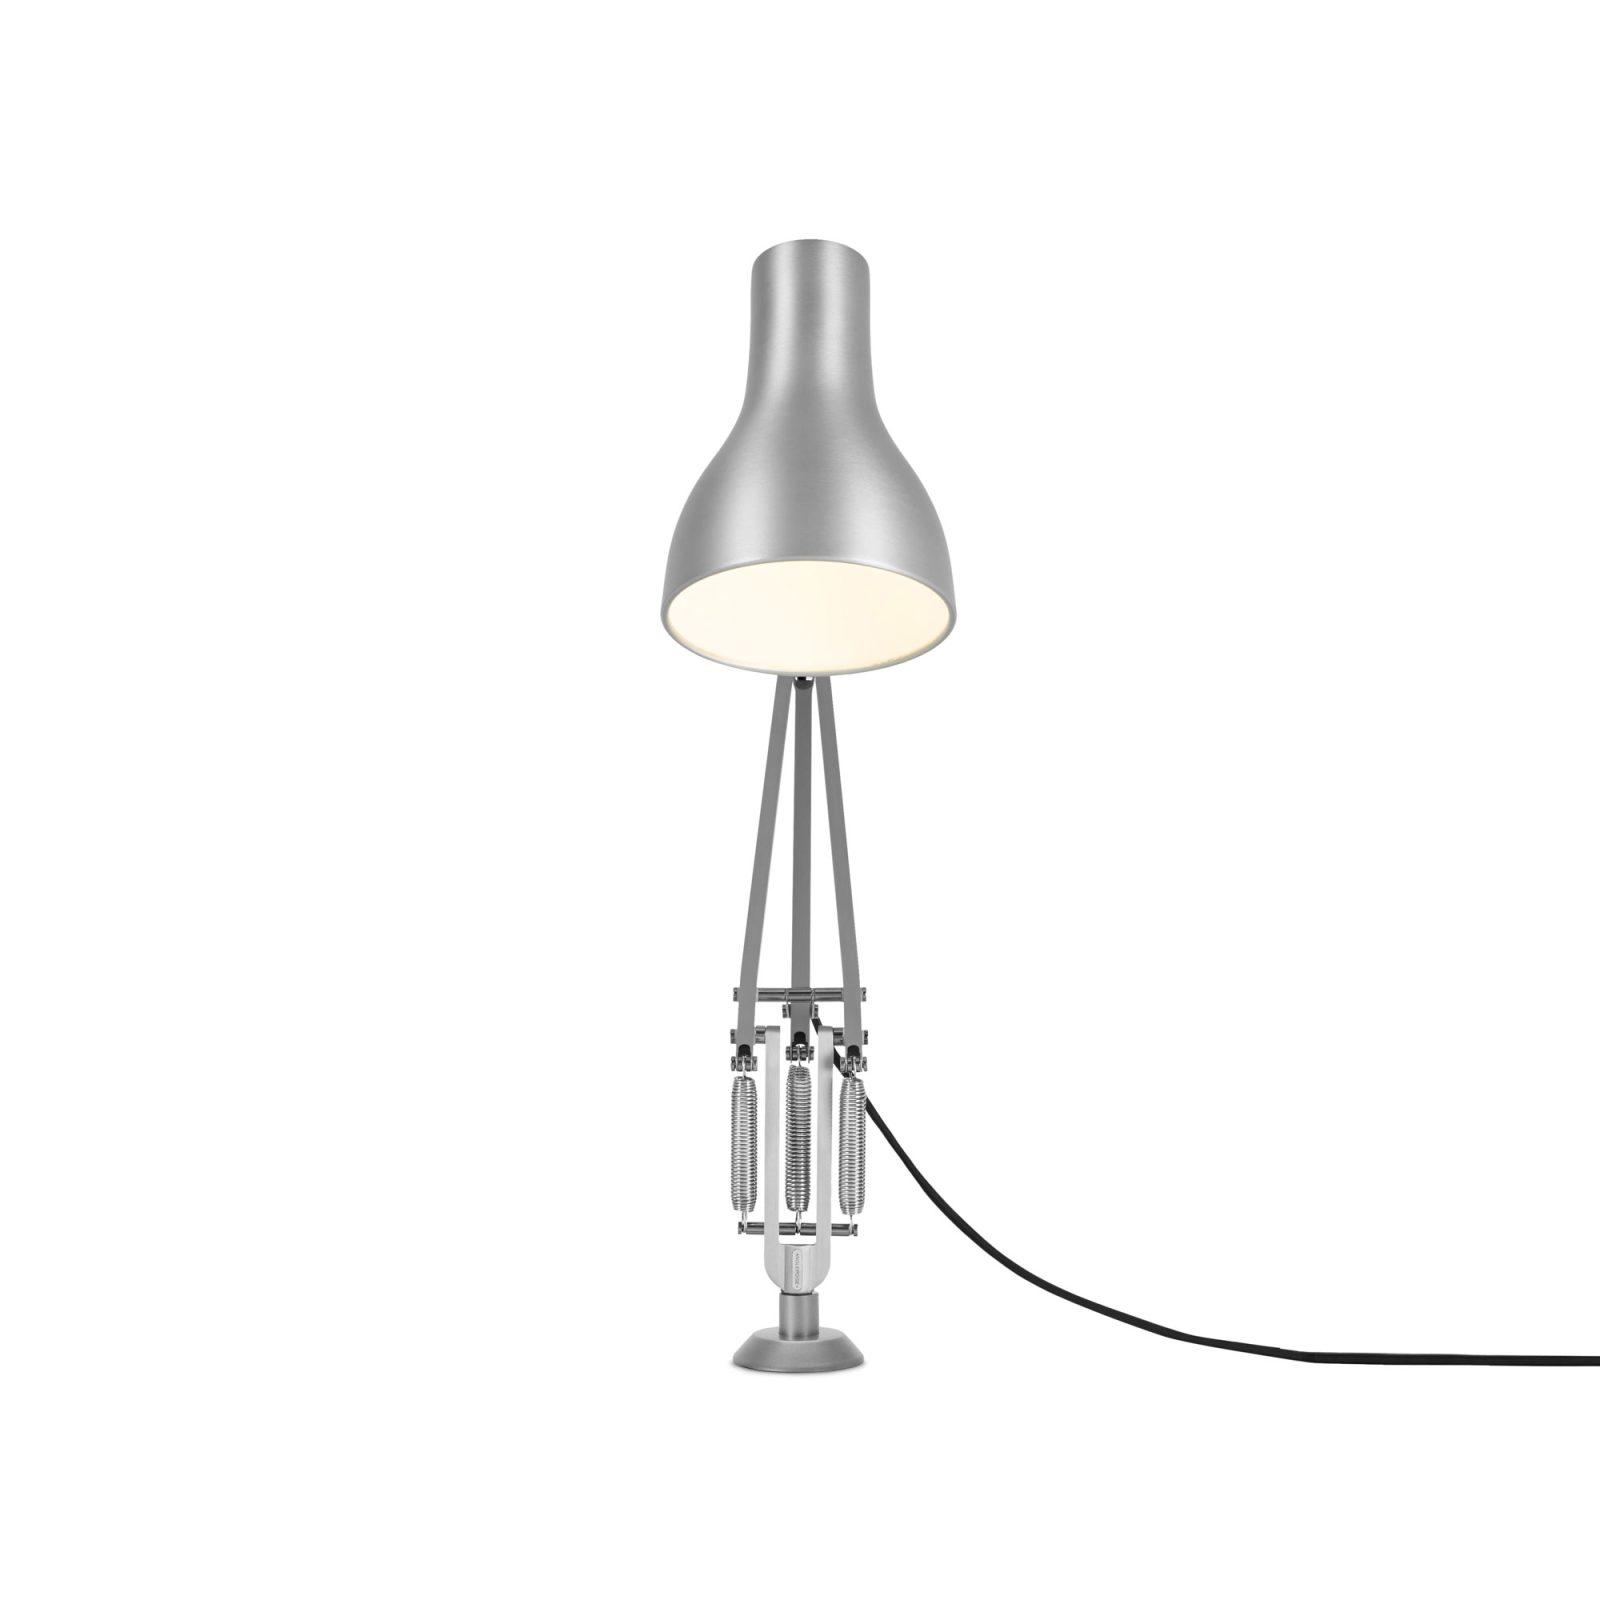 type-75-desk-lamp-with-desk-insert-8